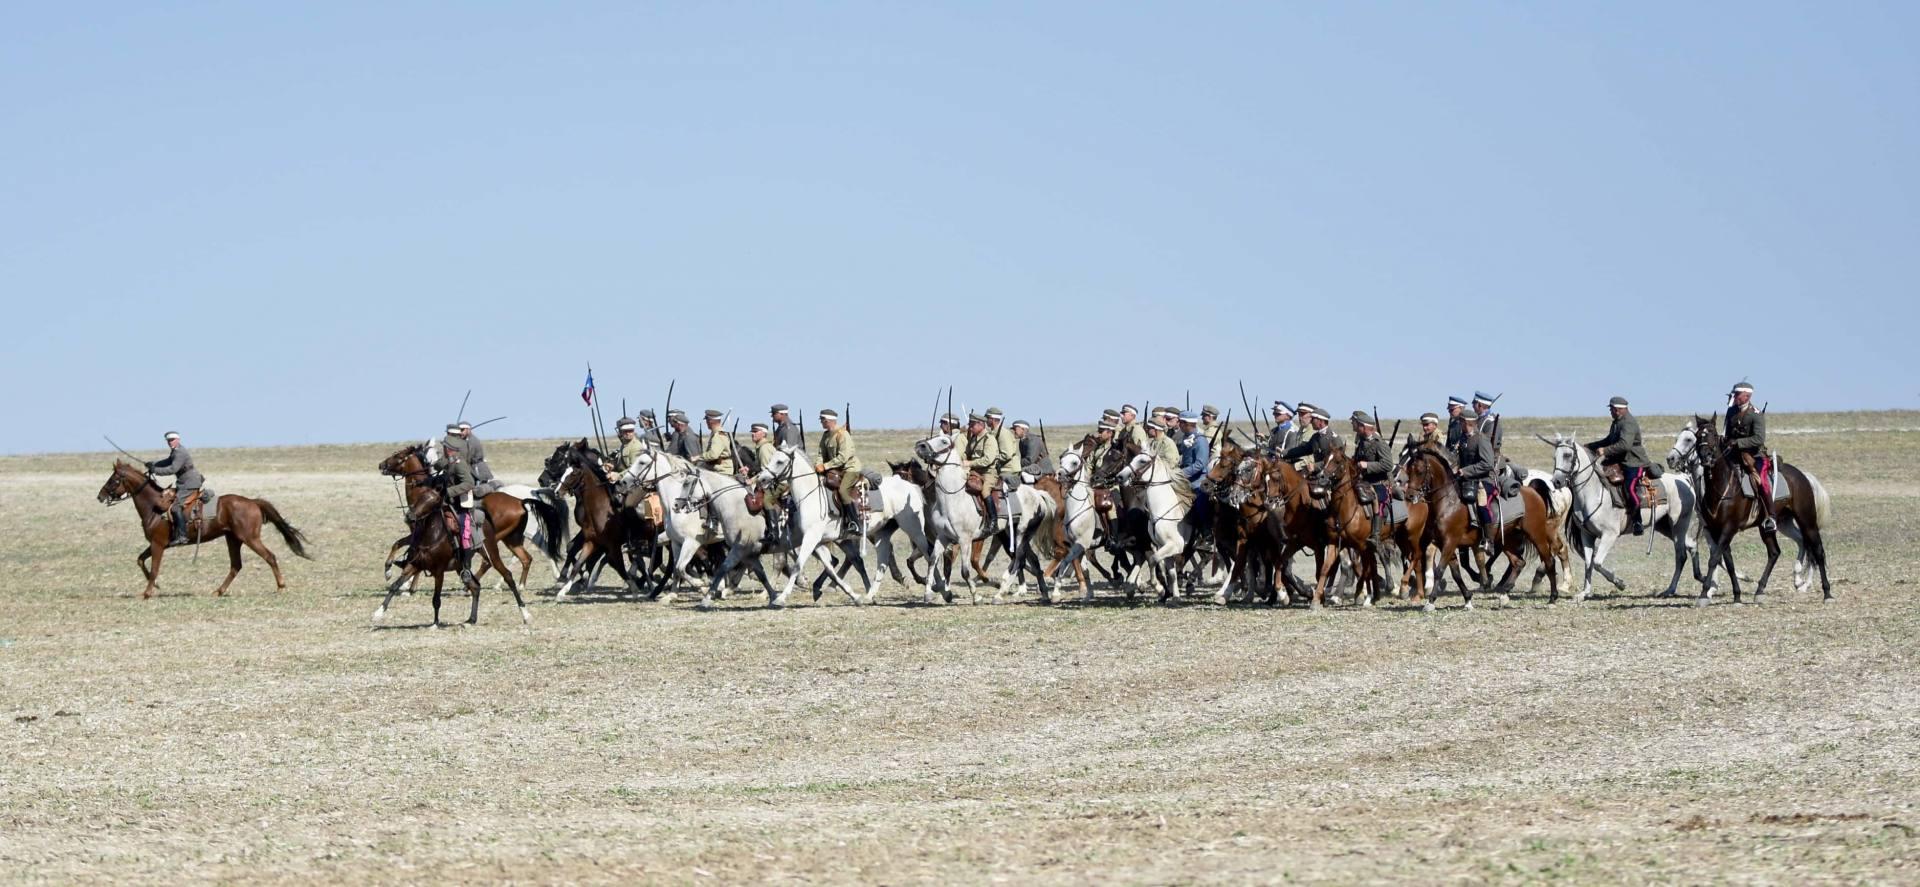 dsc 0969 Czas szabli - 100 rocznica bitwy pod Komarowem(zdjęcia)